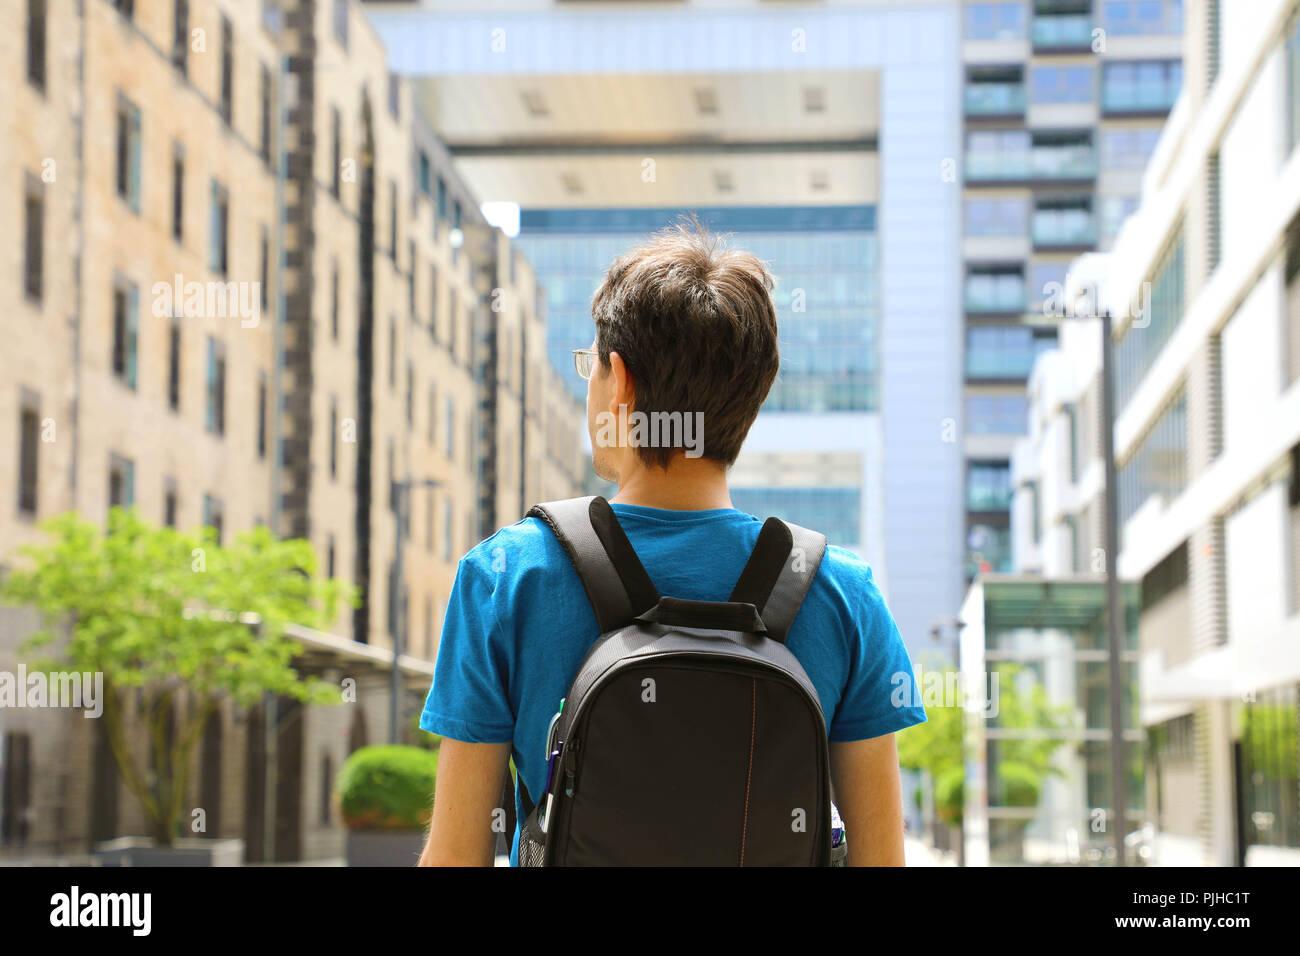 Vista posterior de un hombre joven con mochila acaba de llegar en una gran ciudad y buscan edificios modernos con perspectivas y oportunidades, de la ciudad de Colonia. Imagen De Stock